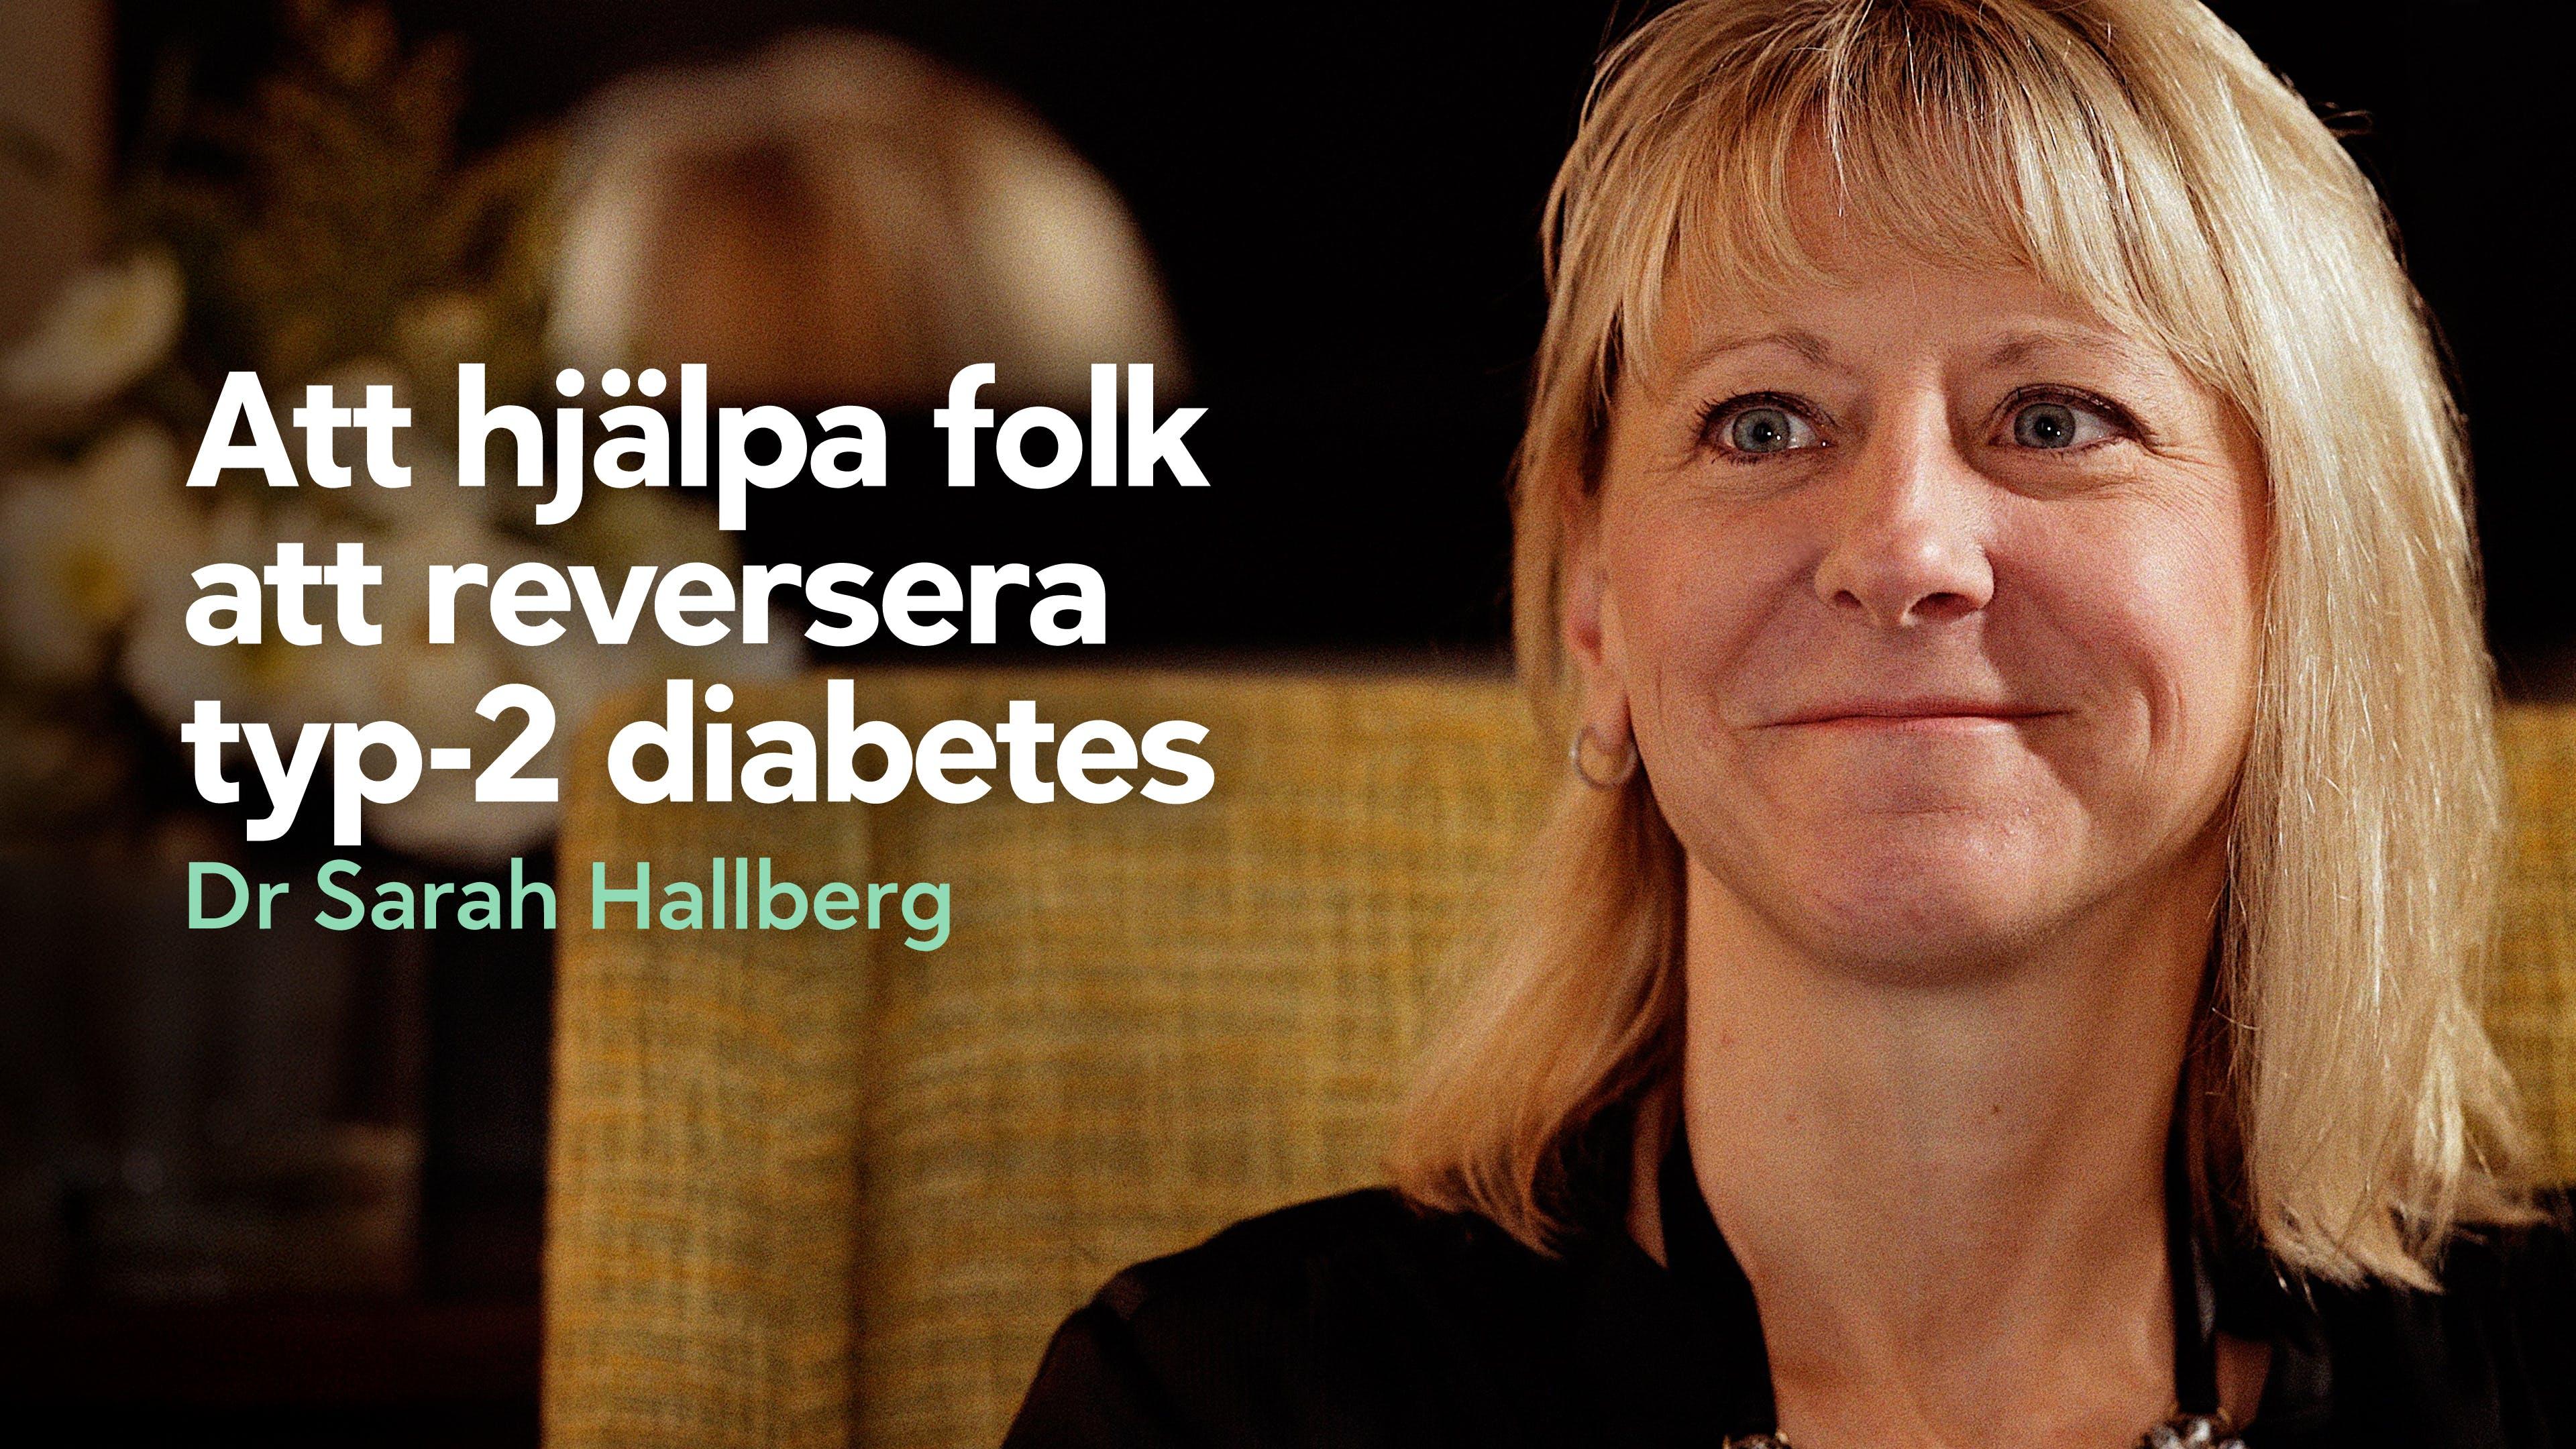 Att hjälpa patienter att reversera typ 2-diabetes